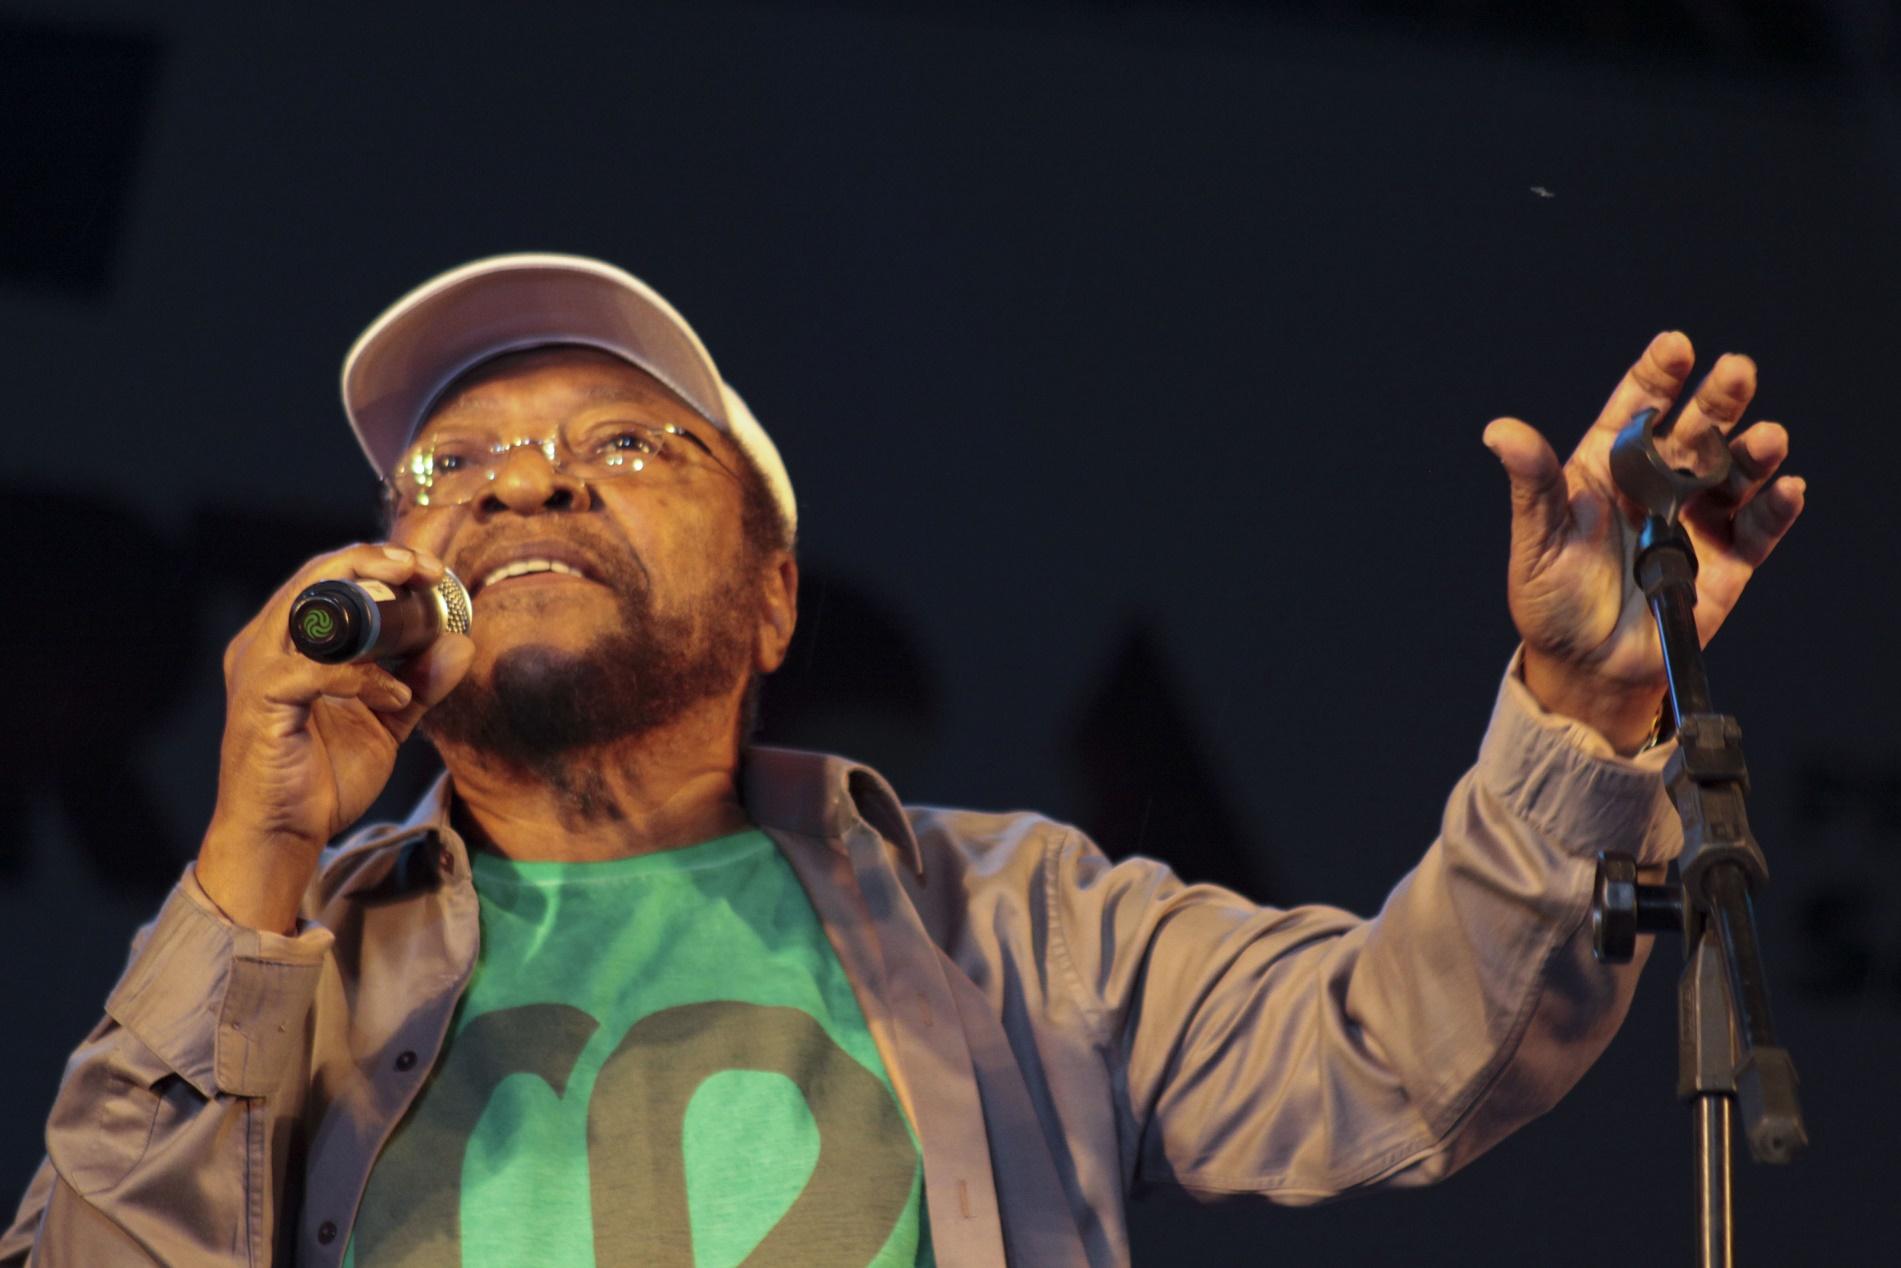 Martinho da Vila durante um show em São Paulo no início do ano. O cantor e compositor deve terminar a faculdade aos 80 anos